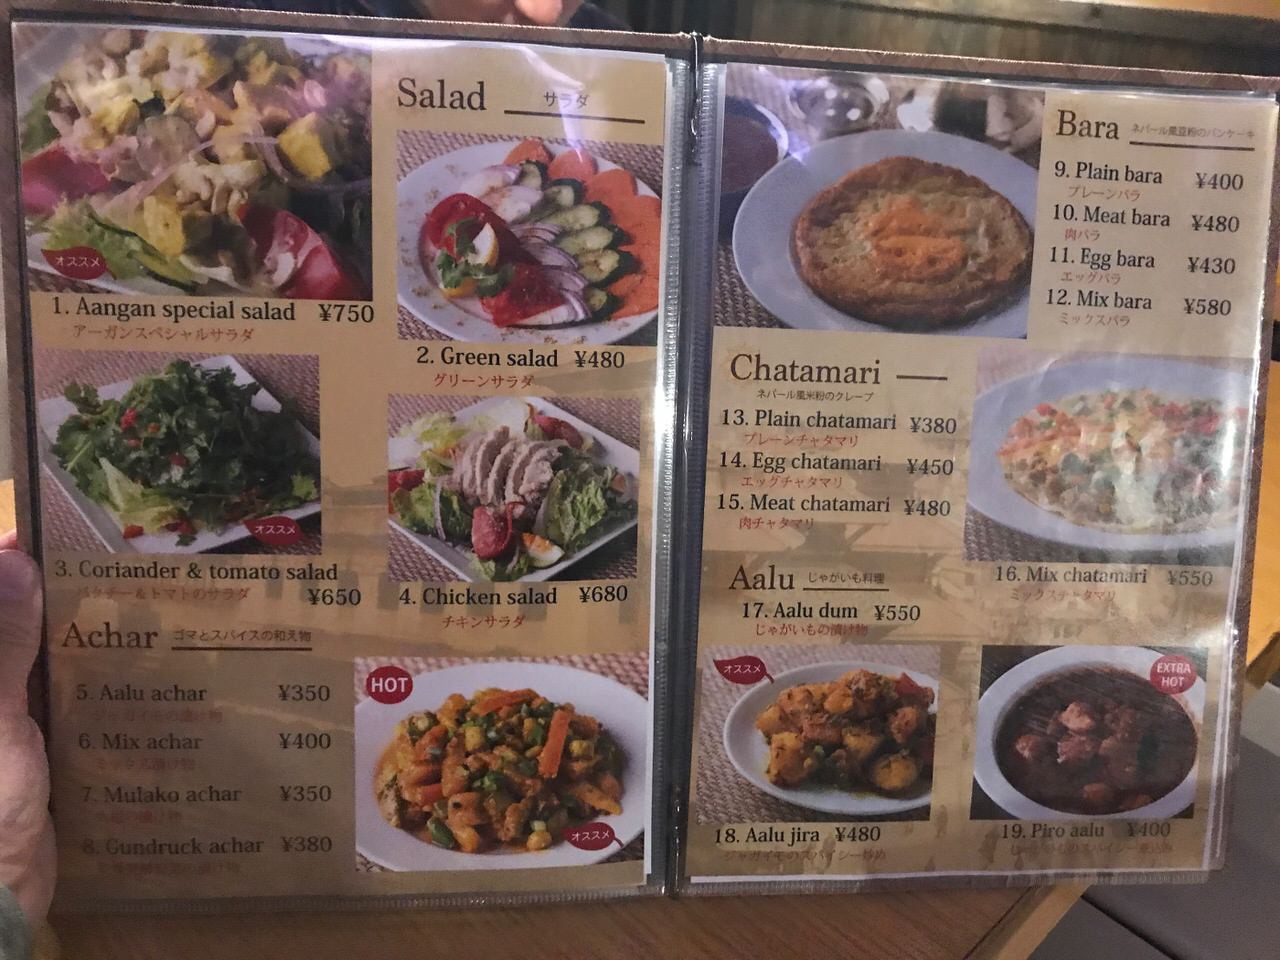 ネパール料理 アーガン 新大久保 11